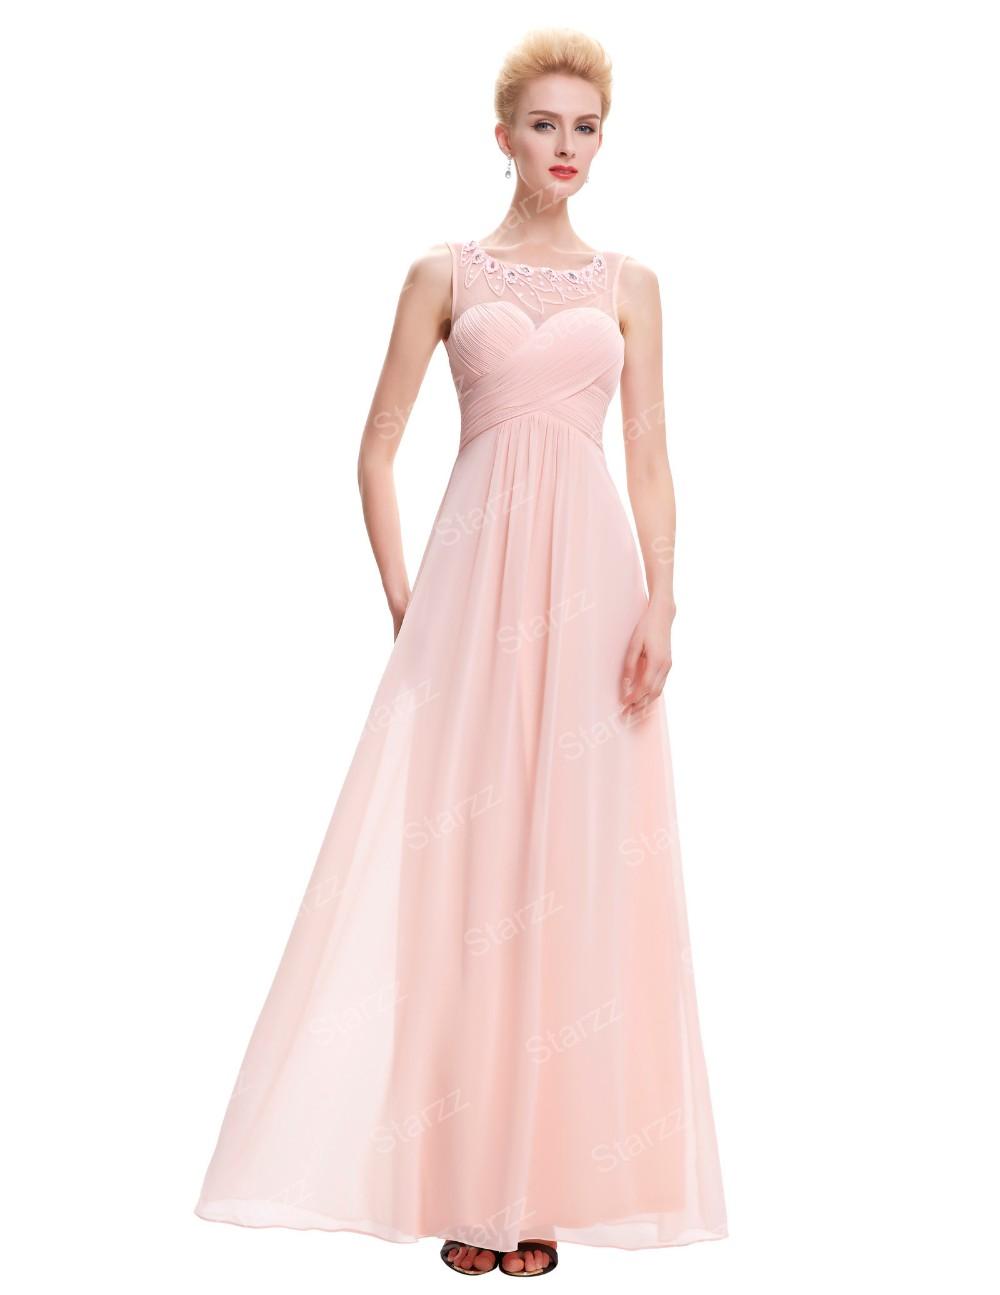 Starzz sleeveless light pink chiffon long bridesmaid dress starzz sleeveless light pink chiffon long bridesmaid dress st000060 3 ombrellifo Gallery